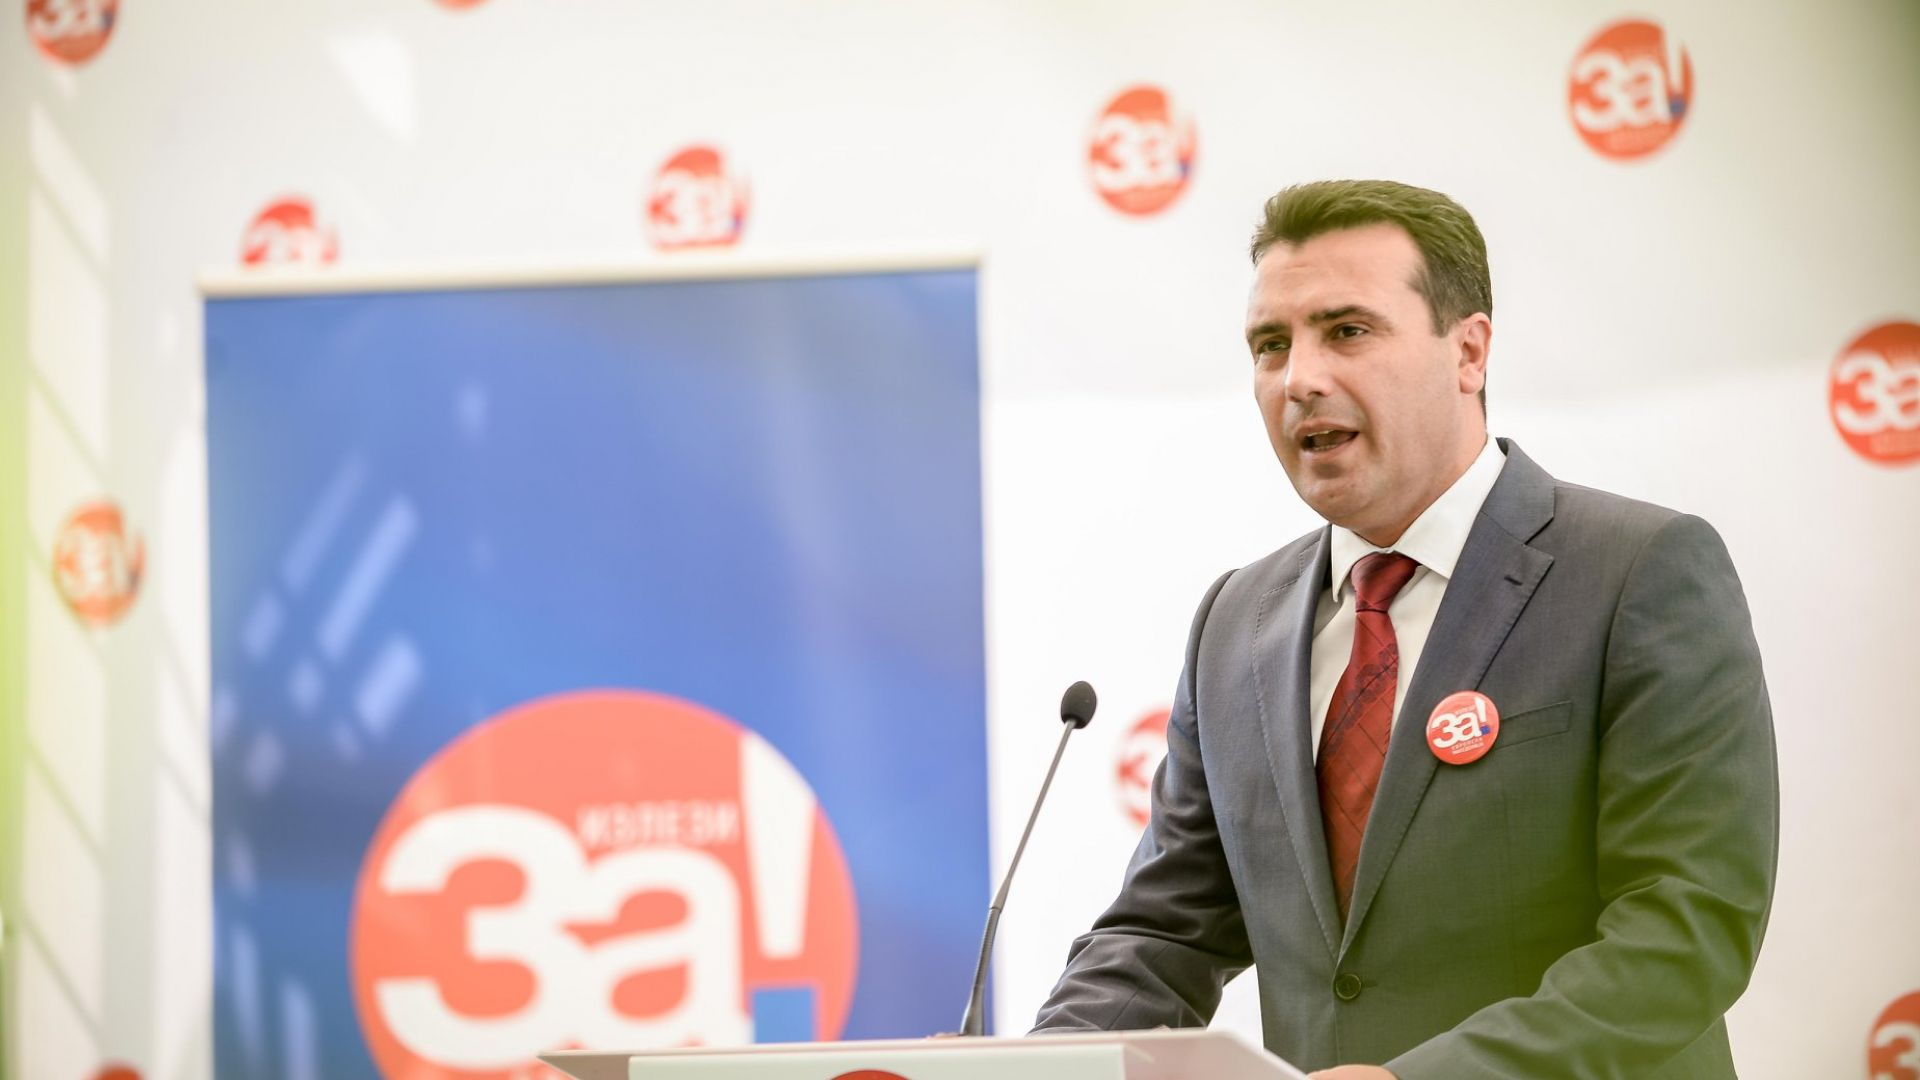 Зоран Заев произнесе първата реч на македонски в ЕП